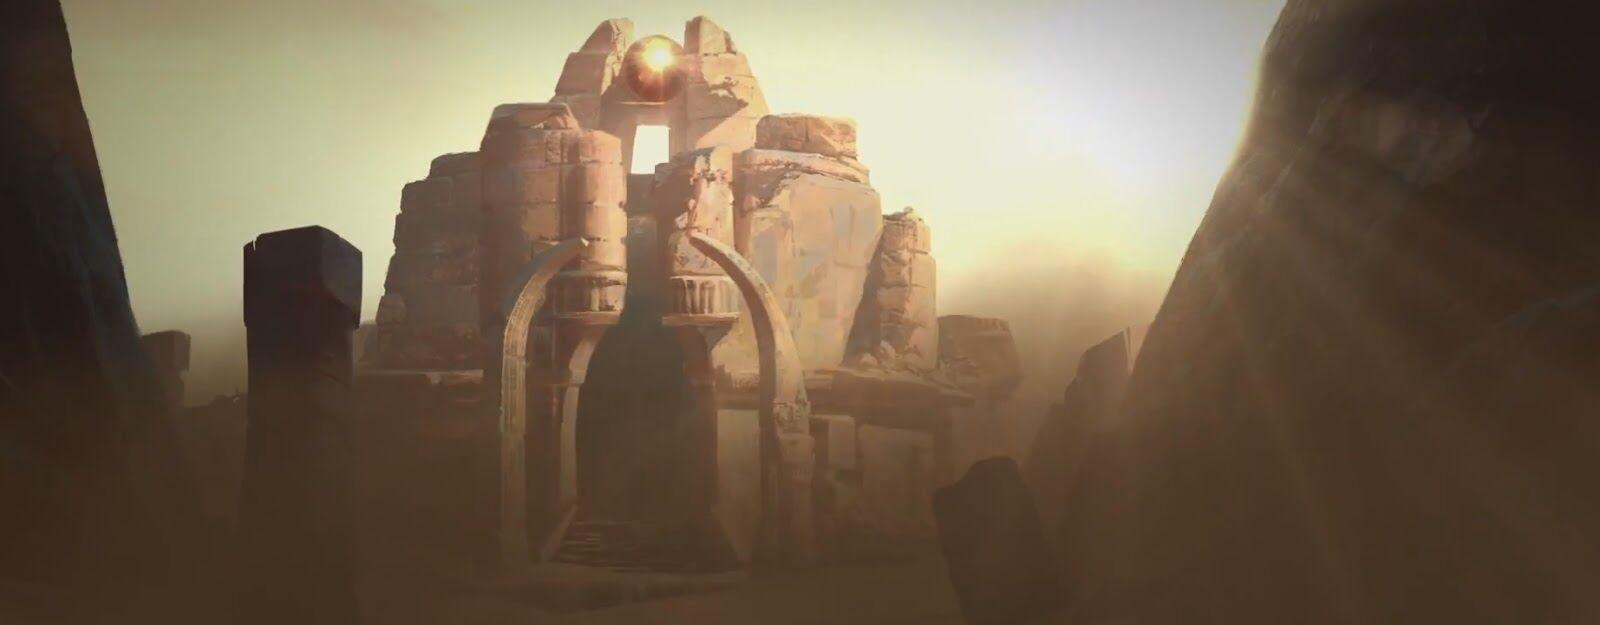 Shurima Sun temple.jpg